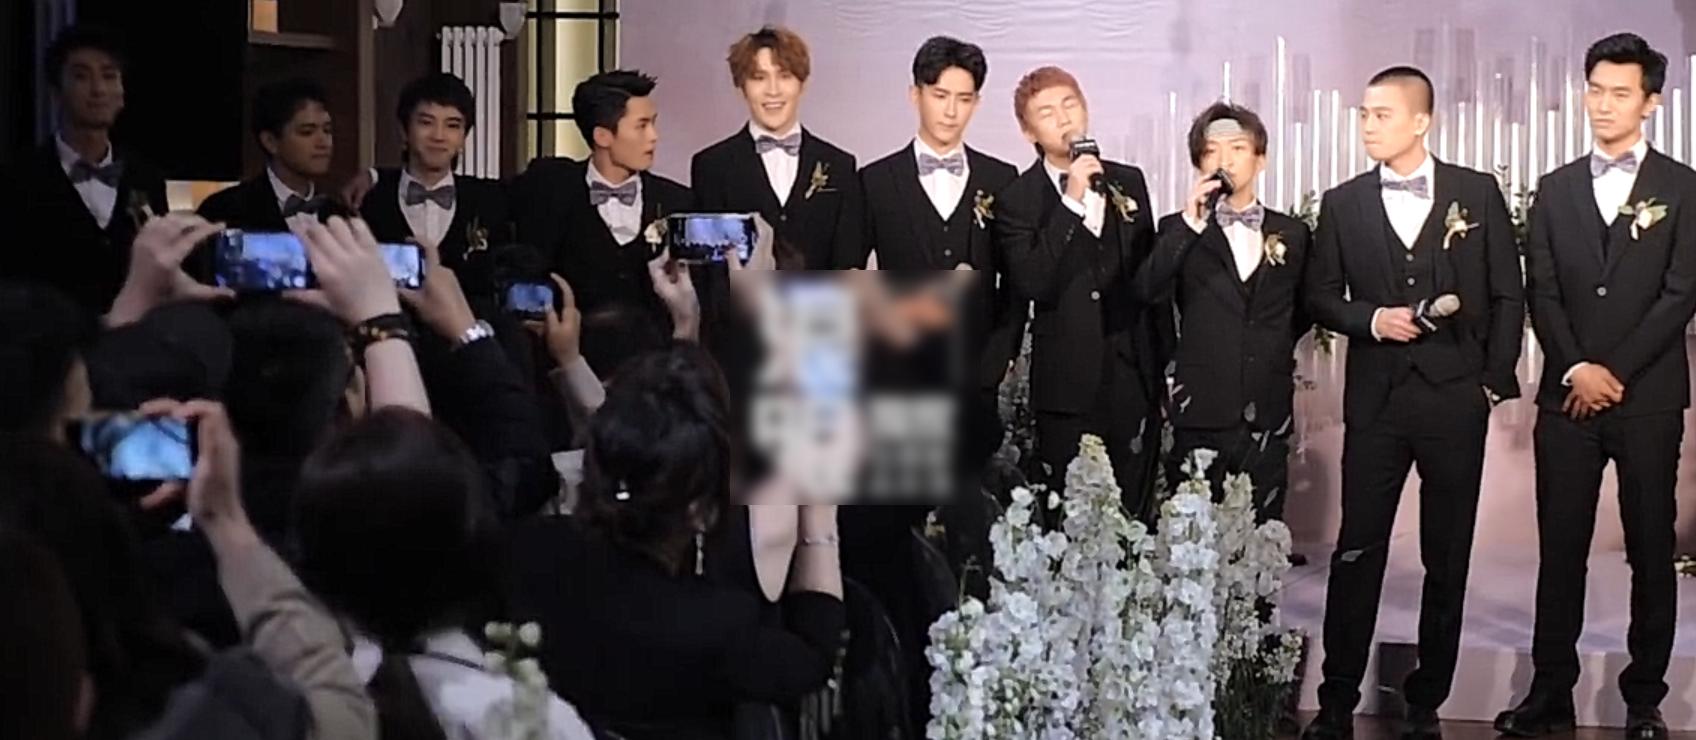 左立婚礼,十位快男集合做伴郎,然娱乐圈的他的结婚排场也不小